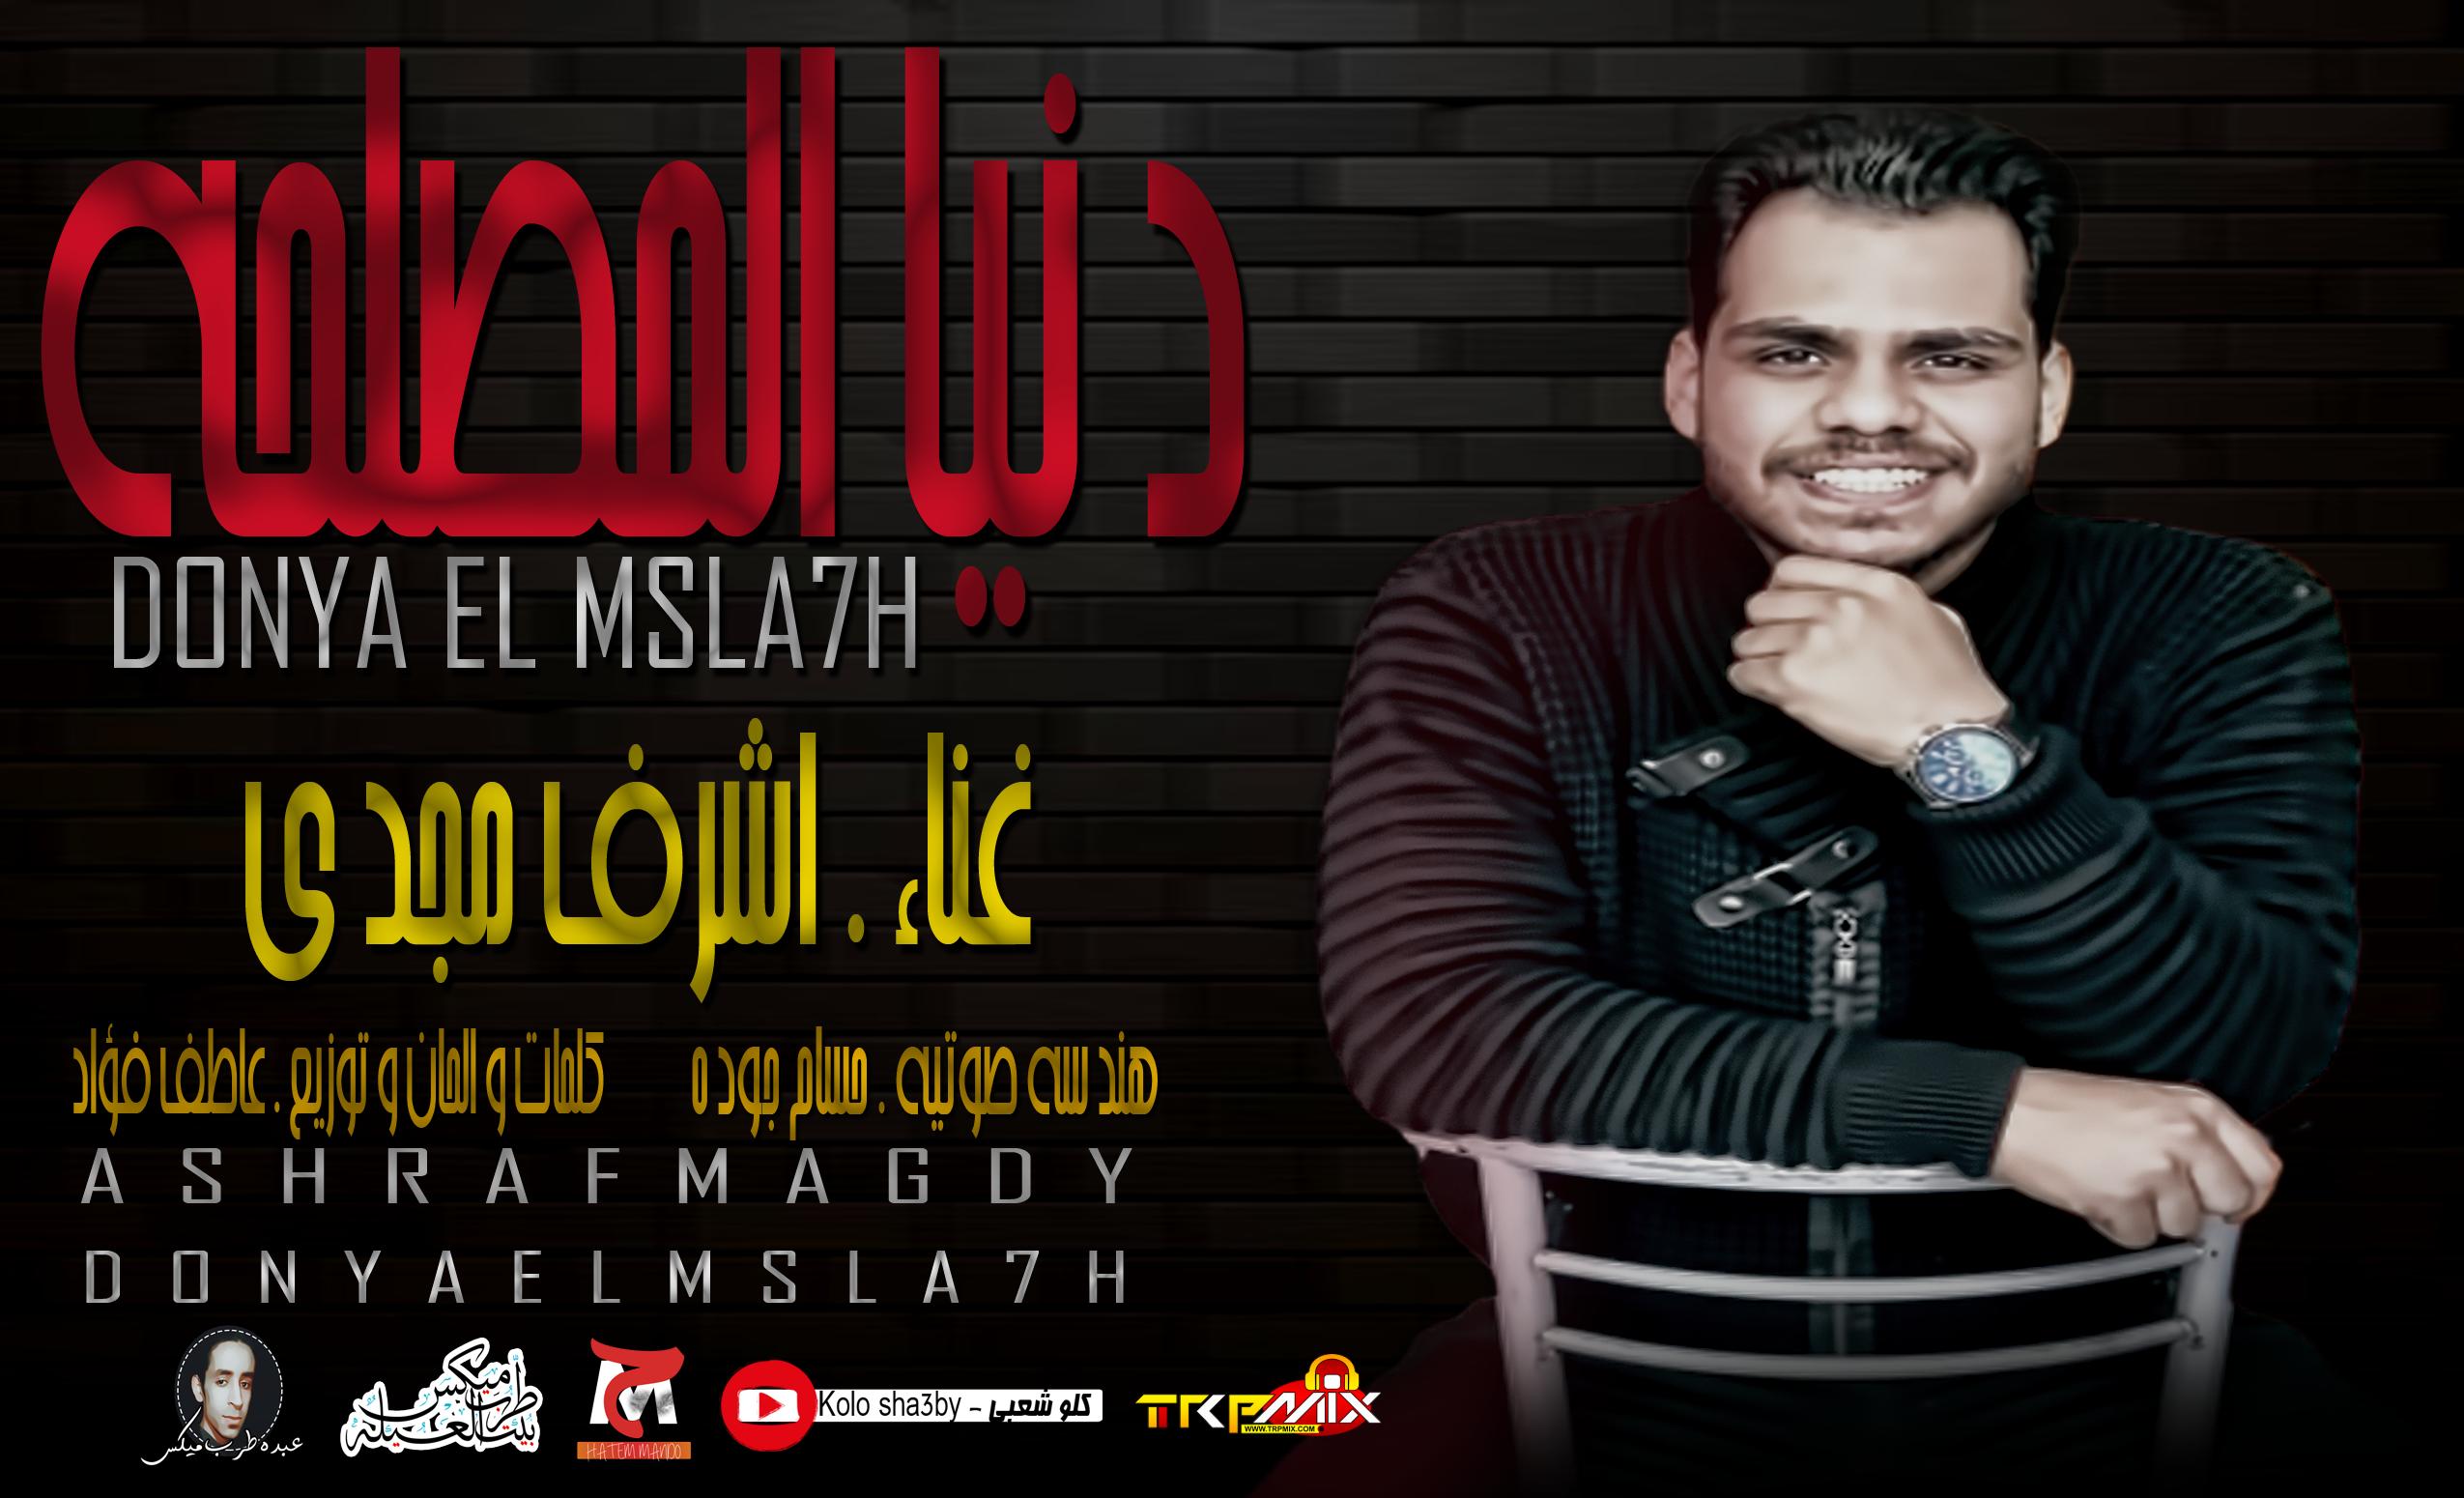 اغنية دنية المصلحة 2020 غناء اشرف مجدى كلمات وتوزيع عاطف فؤاد برعاية .mp3